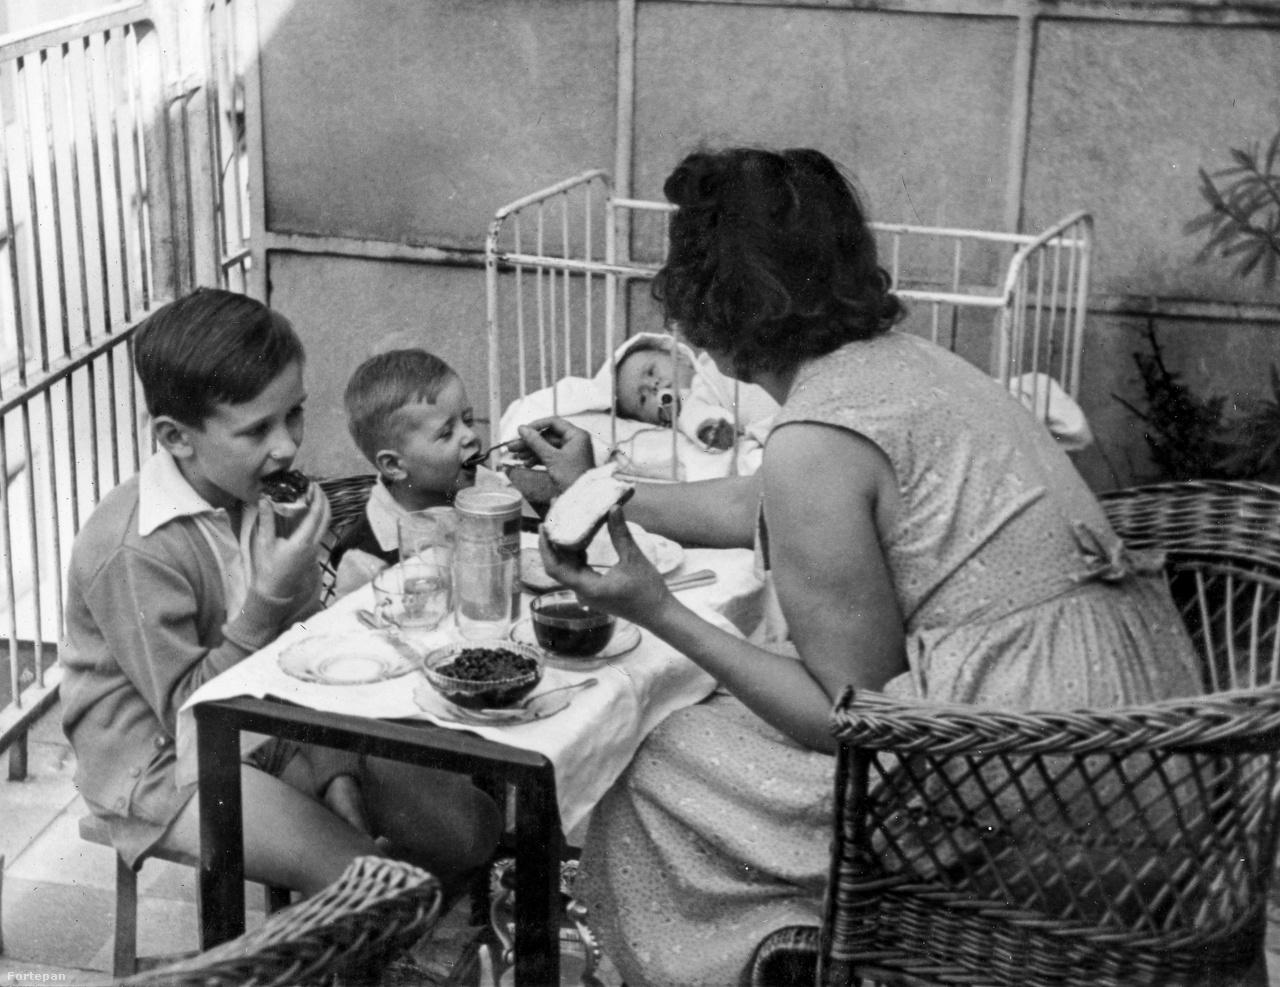 Galamb utca 5, Budapest, 1956